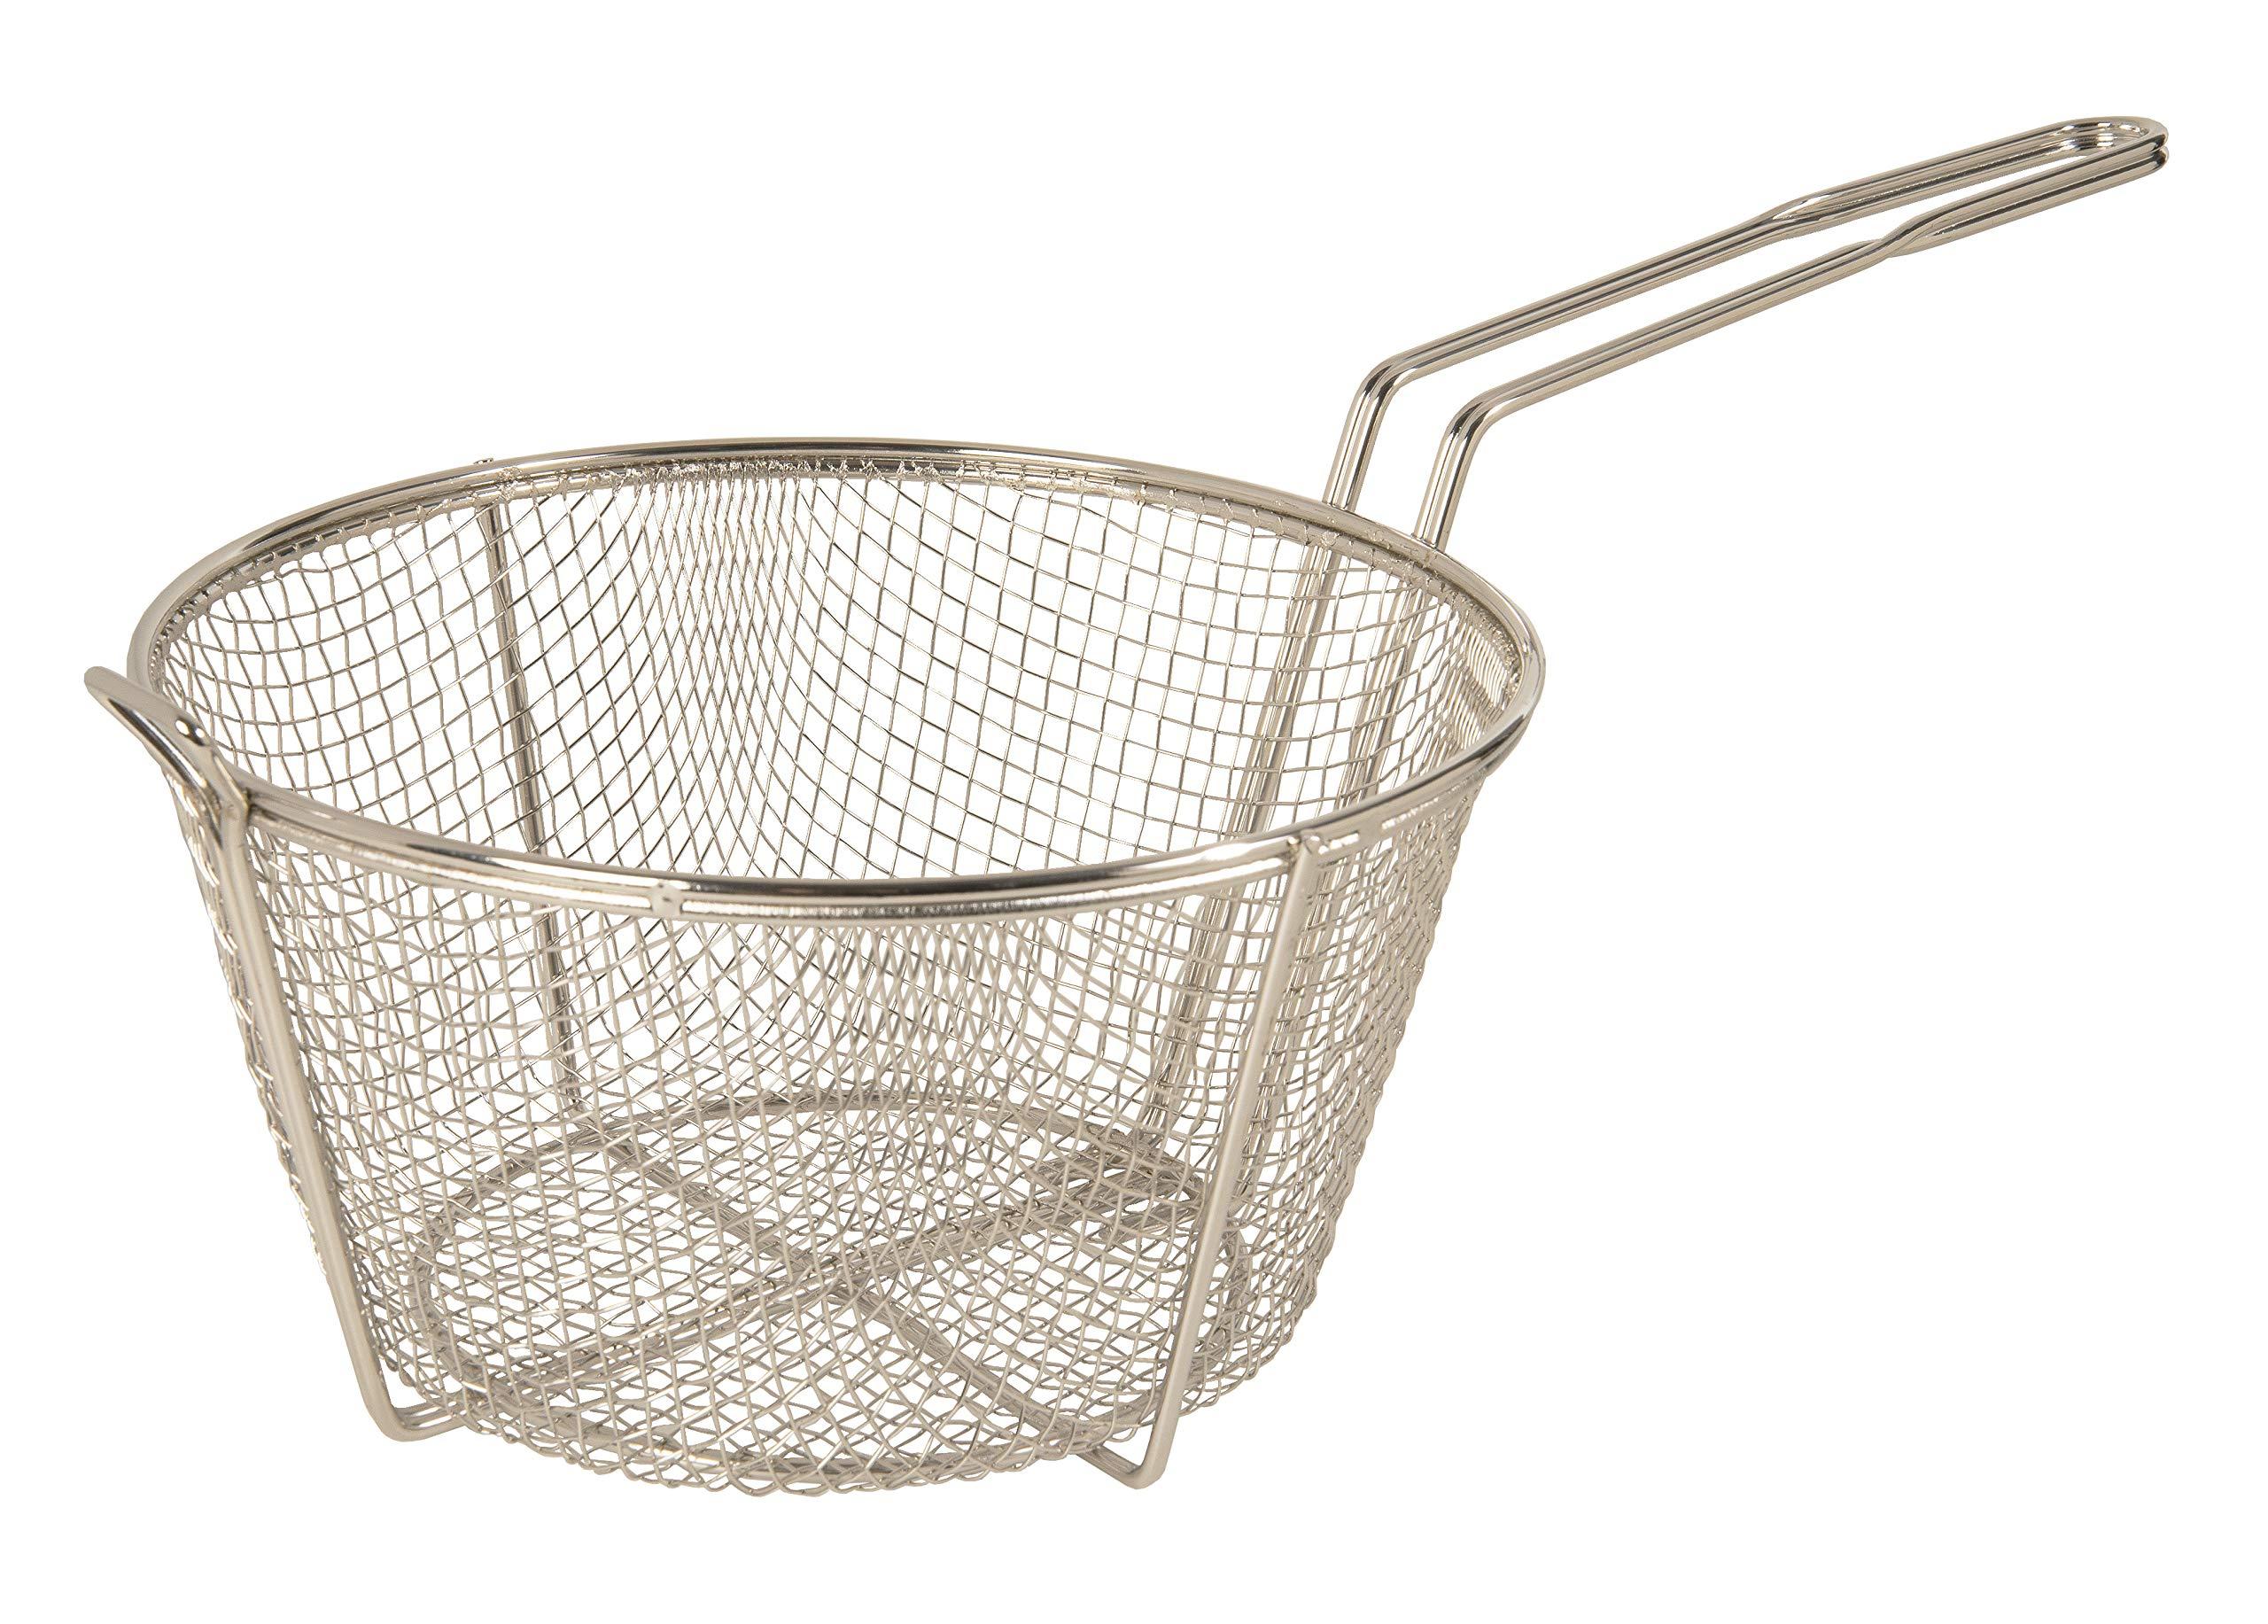 Update International (FB-9) 9 1/2'' Round Wire Fry Basket